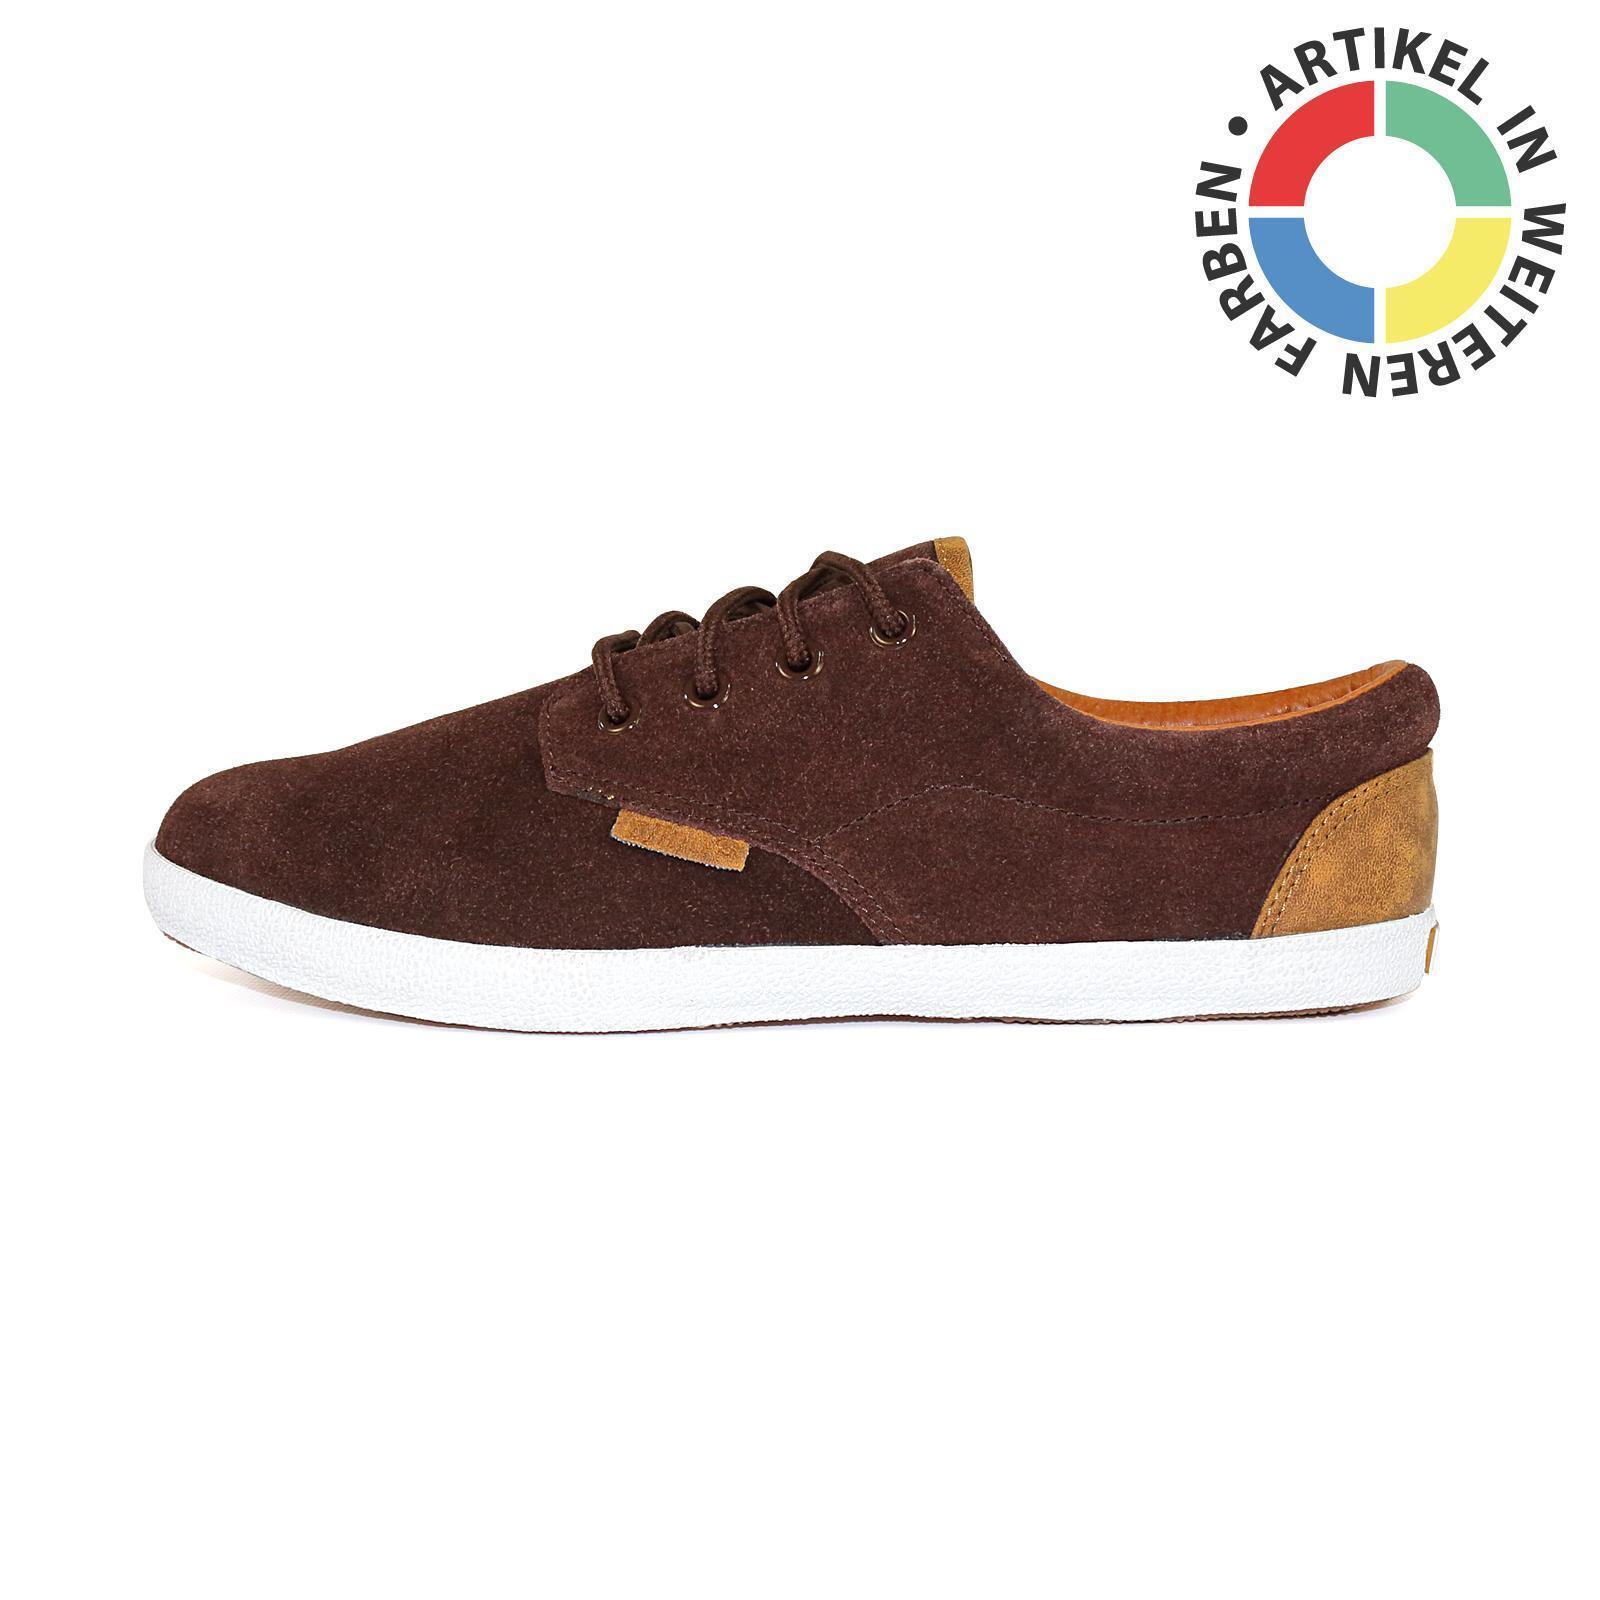 Djinns Nice Low-Pro versch. Suede Herrenschuh Sneaker Schuhe, versch. Low-Pro Farben, 50533 a6fe98